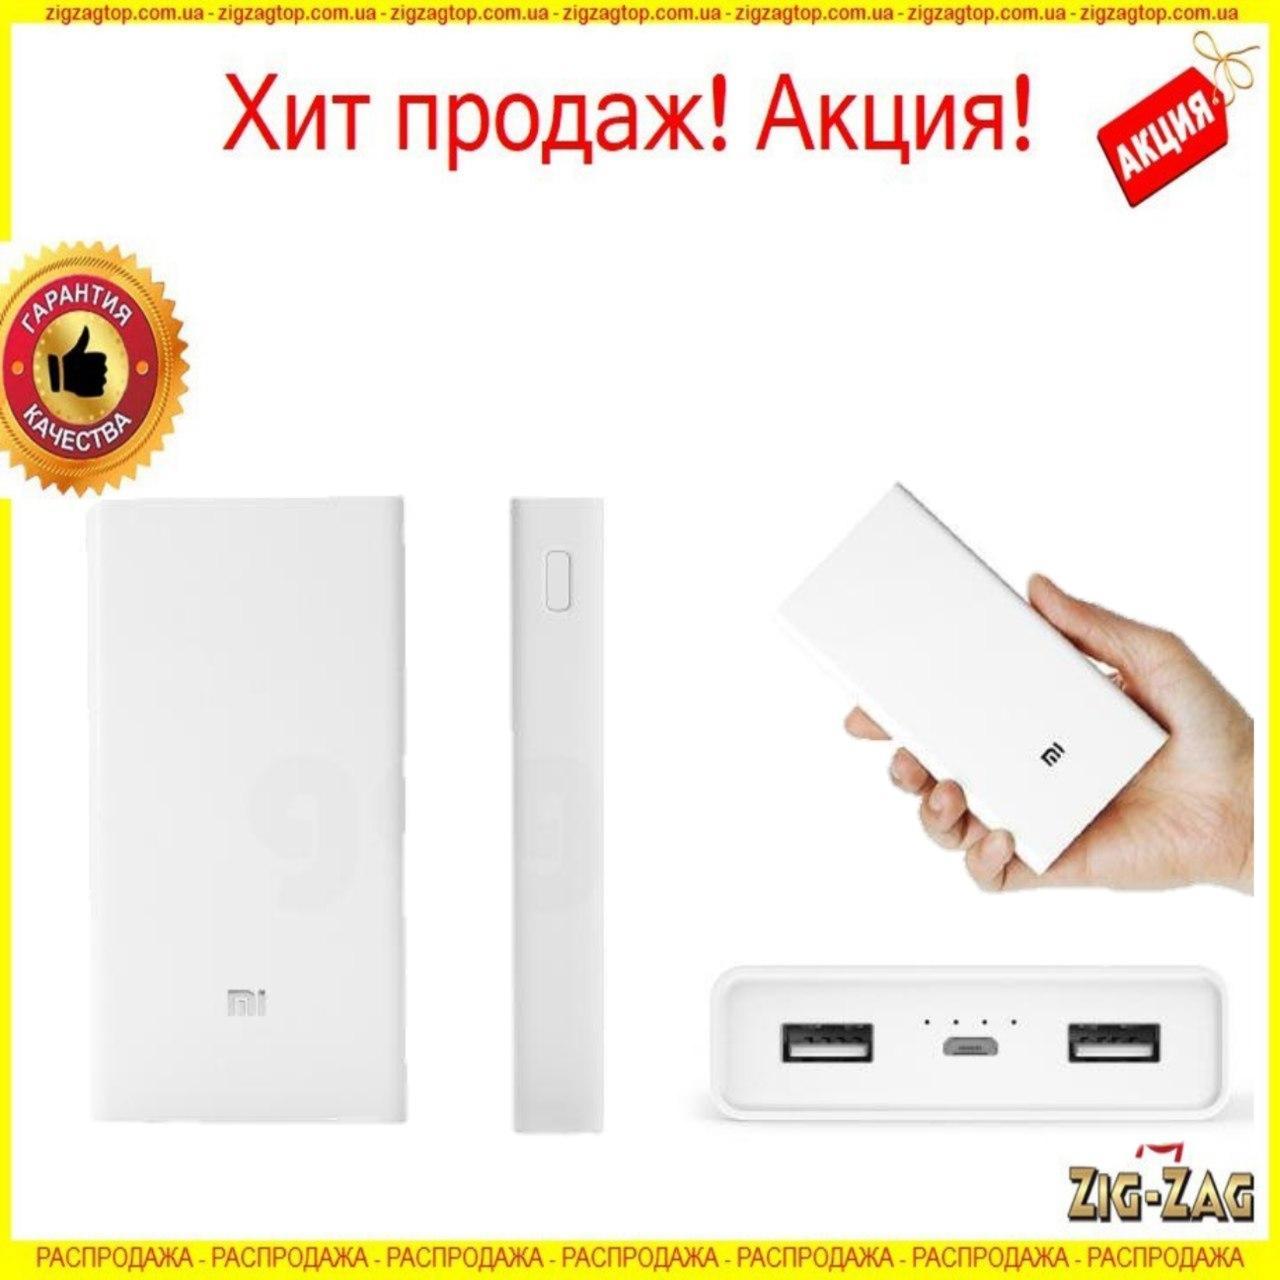 Портативный внешний Power Bank Xiaomi 20000mAh 2 USB батарея мощный повербанк, пауэр Сяоми аккумулятор зарядка